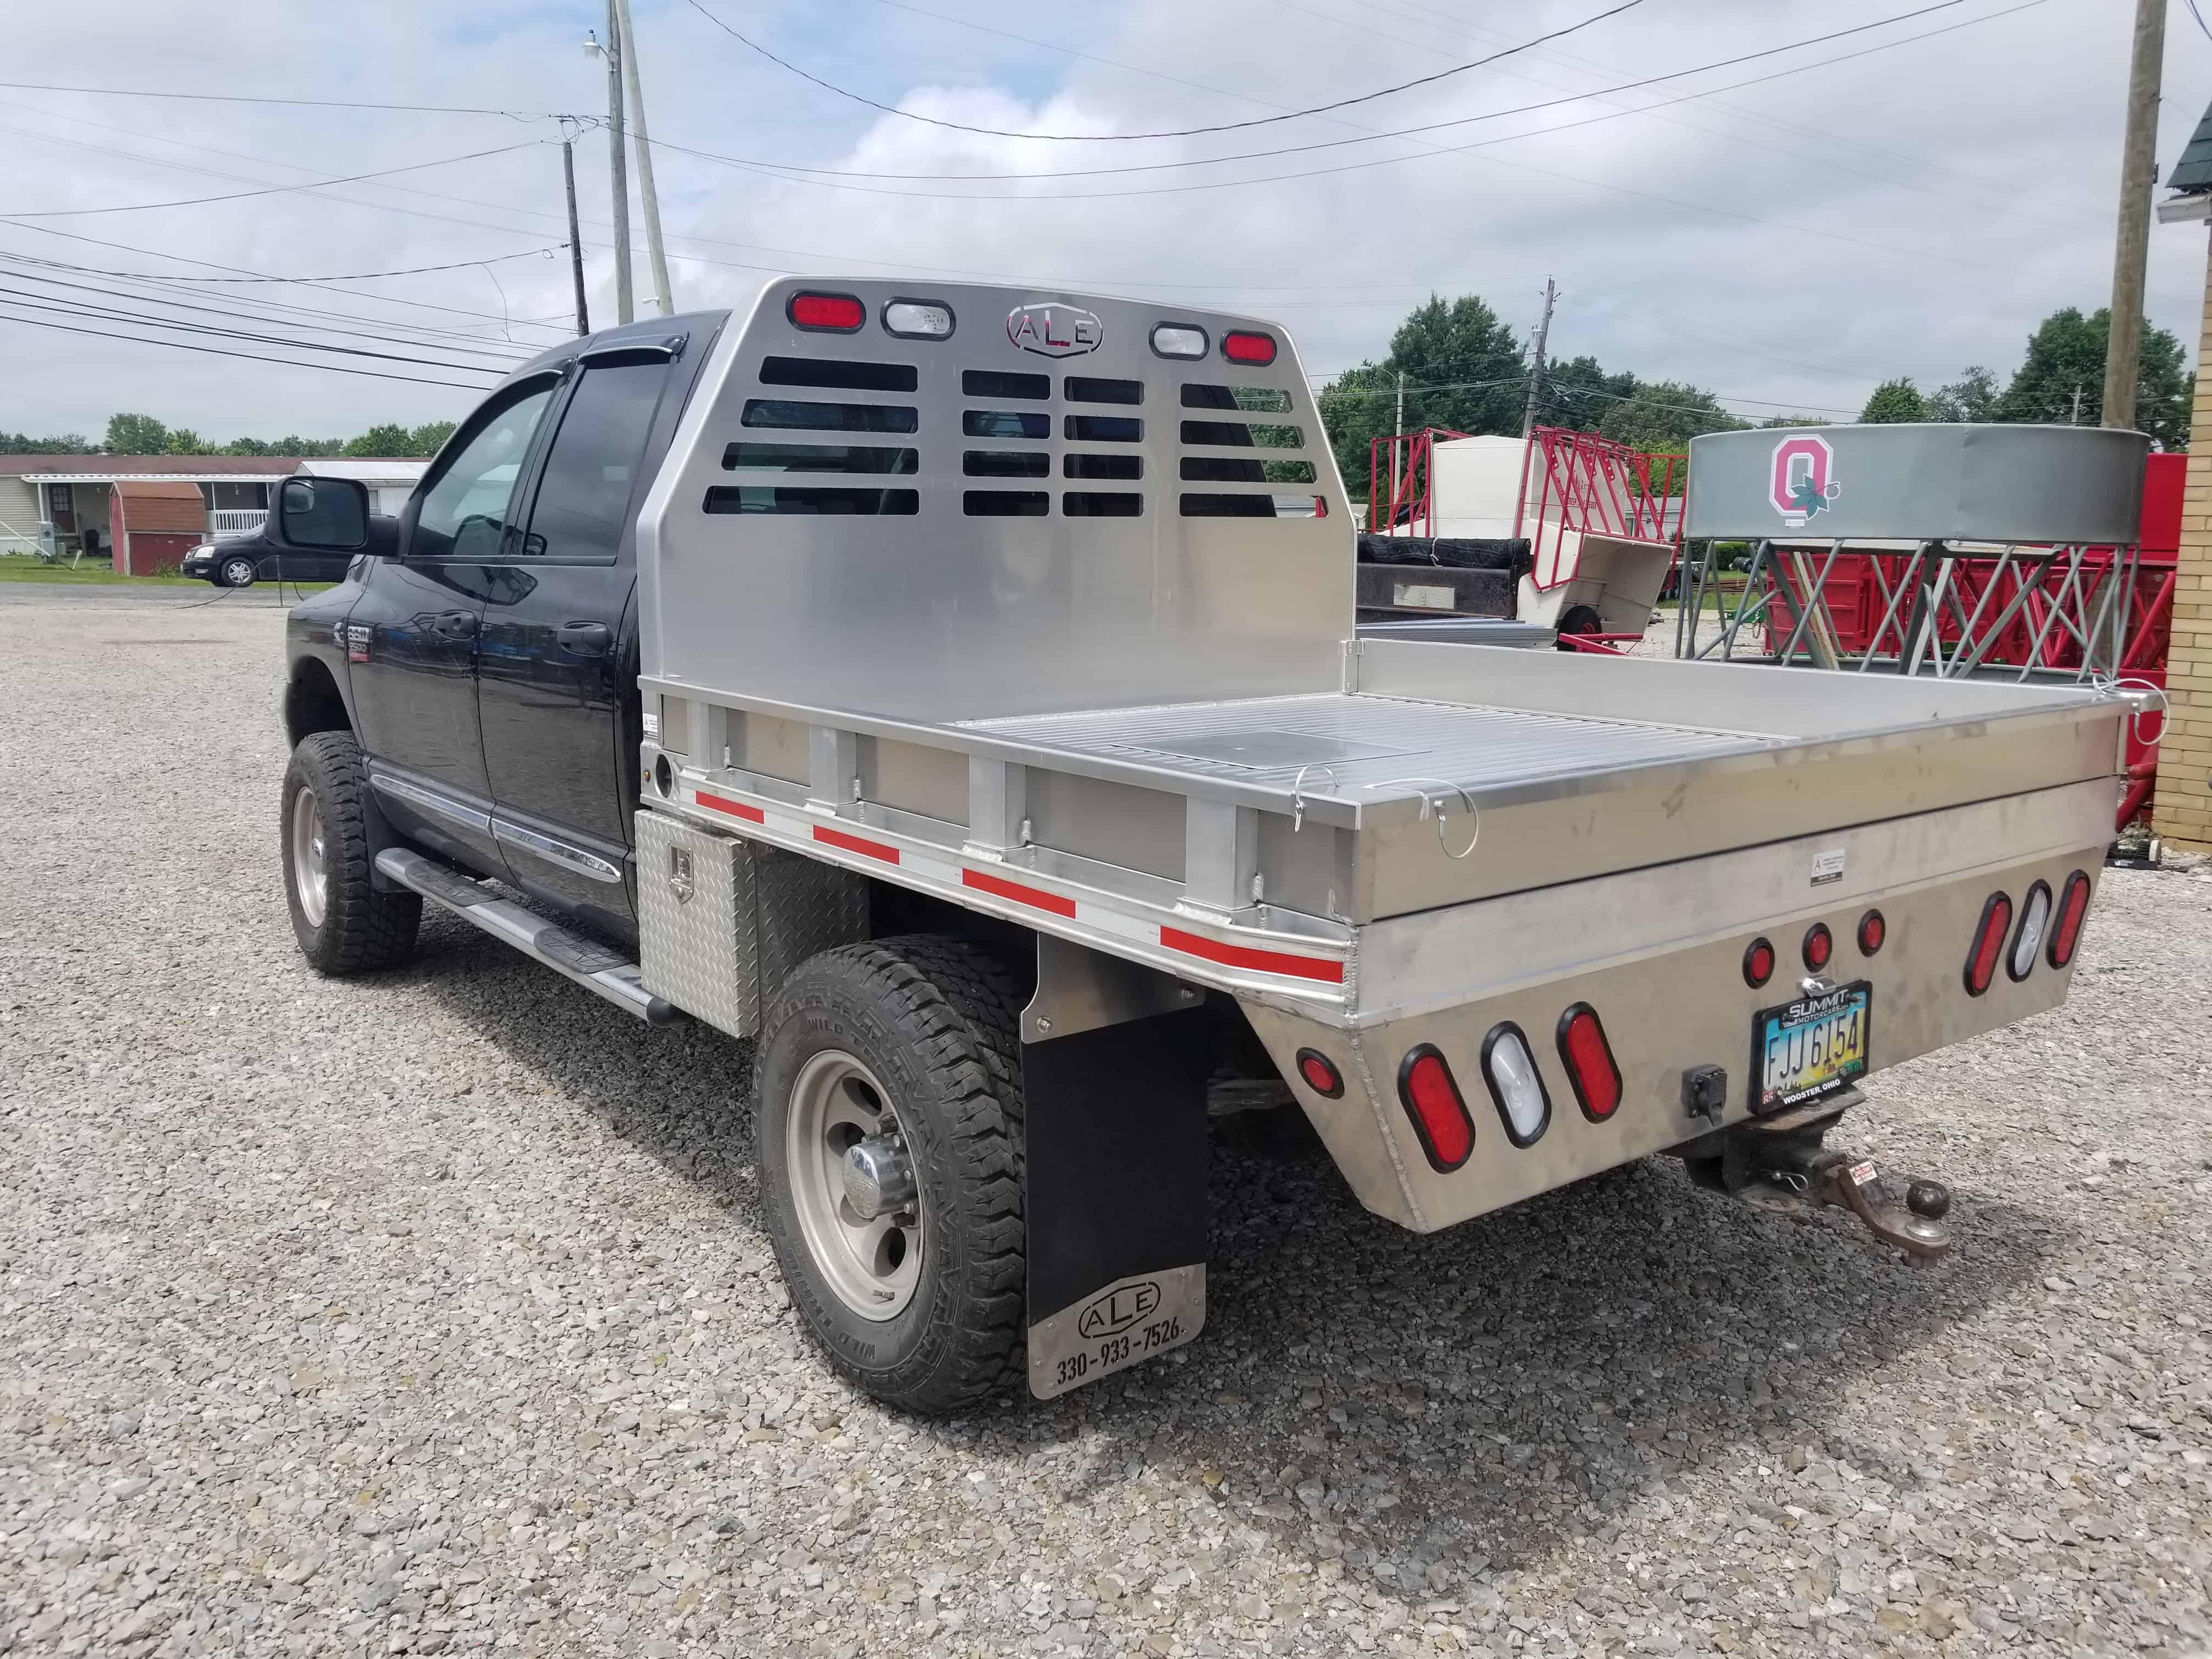 84 u0026quot  x 88 u0026quot  short bed aluminum flatbed amos livestock